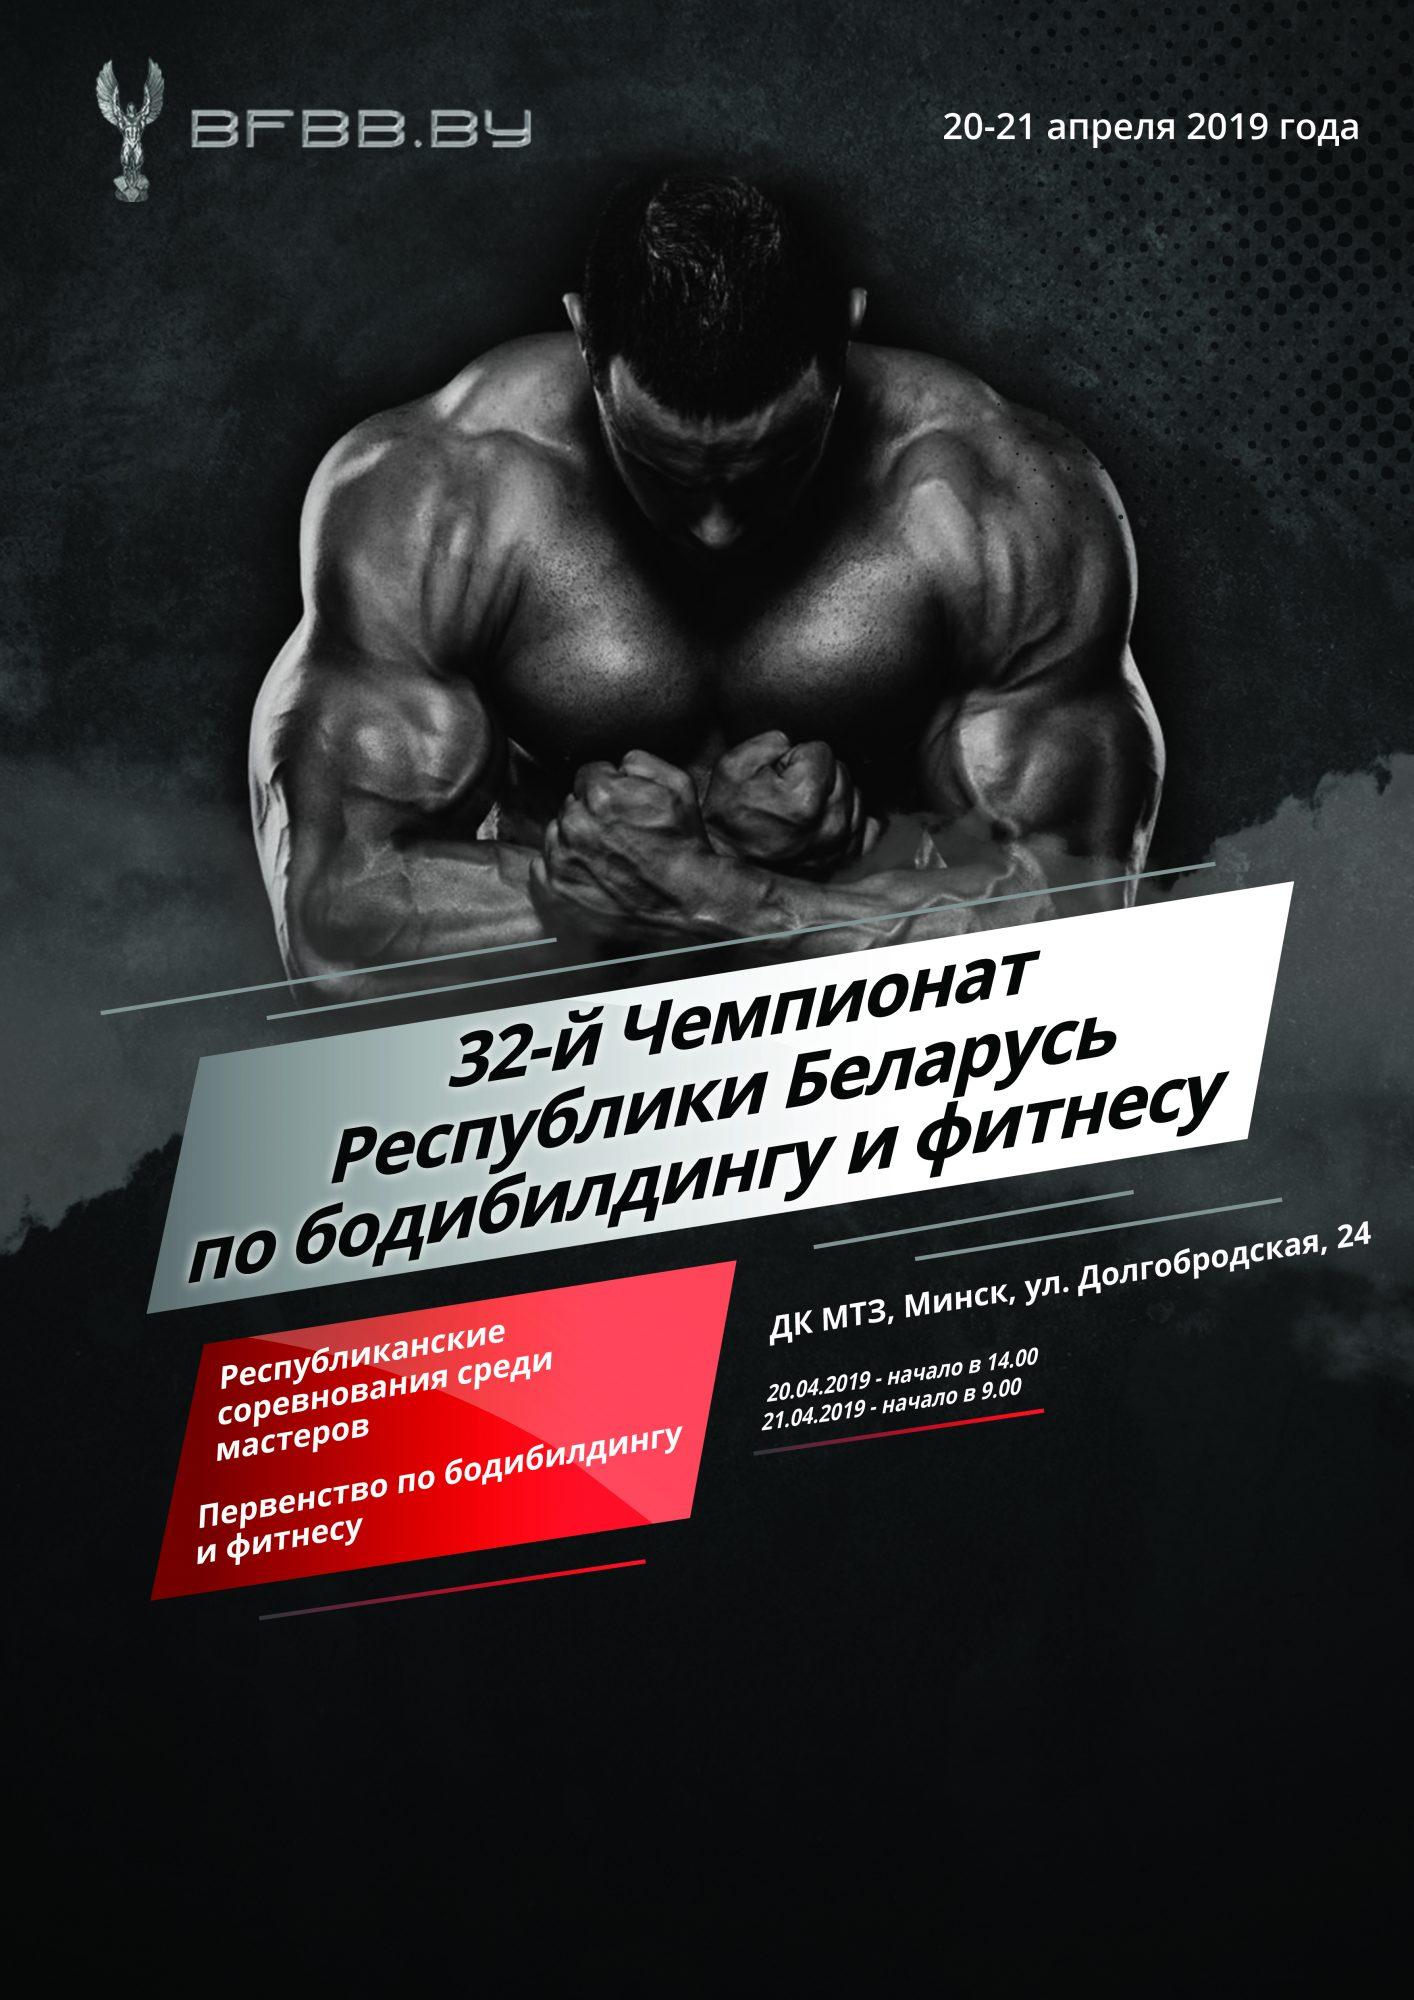 Положение 32-го Открытого Чемпионата и Первенства Республики Беларусь по бодибилдингу и фитнесу 2019